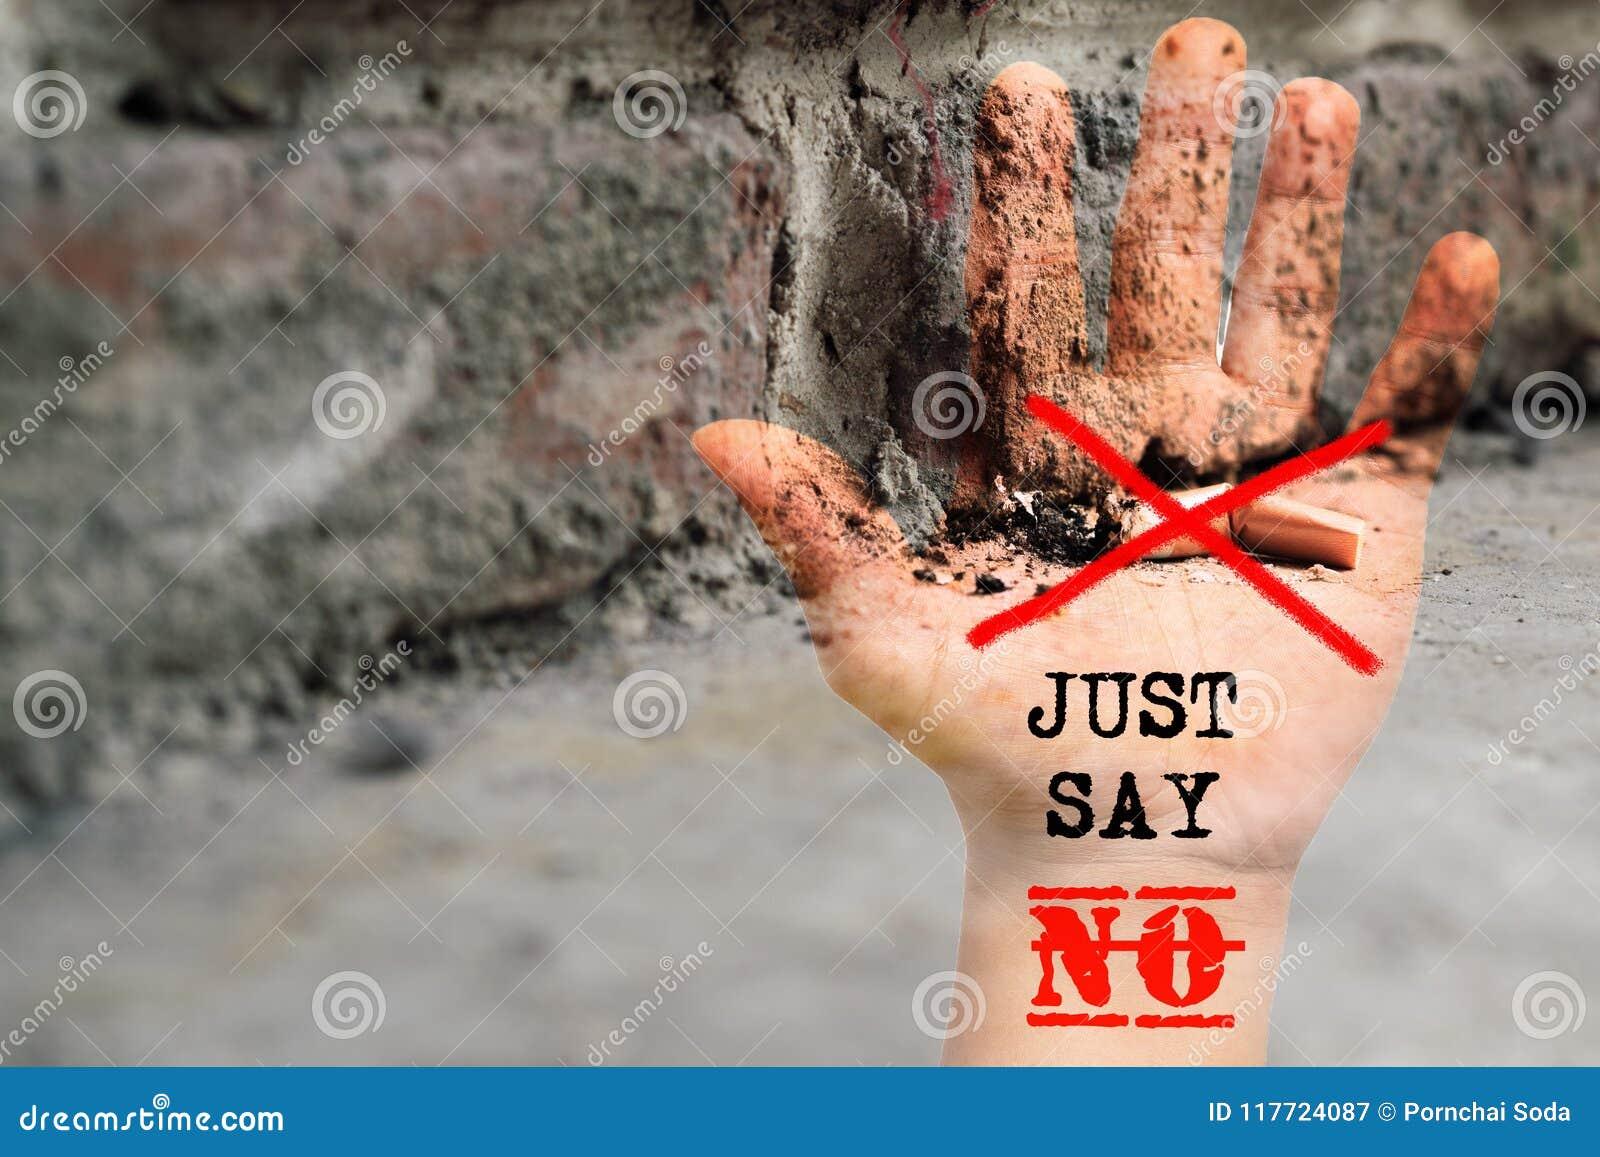 Κόσμος καμία ημέρα καπνών 31 Μαΐου ημέρα απαγόρευσης του καπνίσματος Δηλητήριο του τσιγάρου